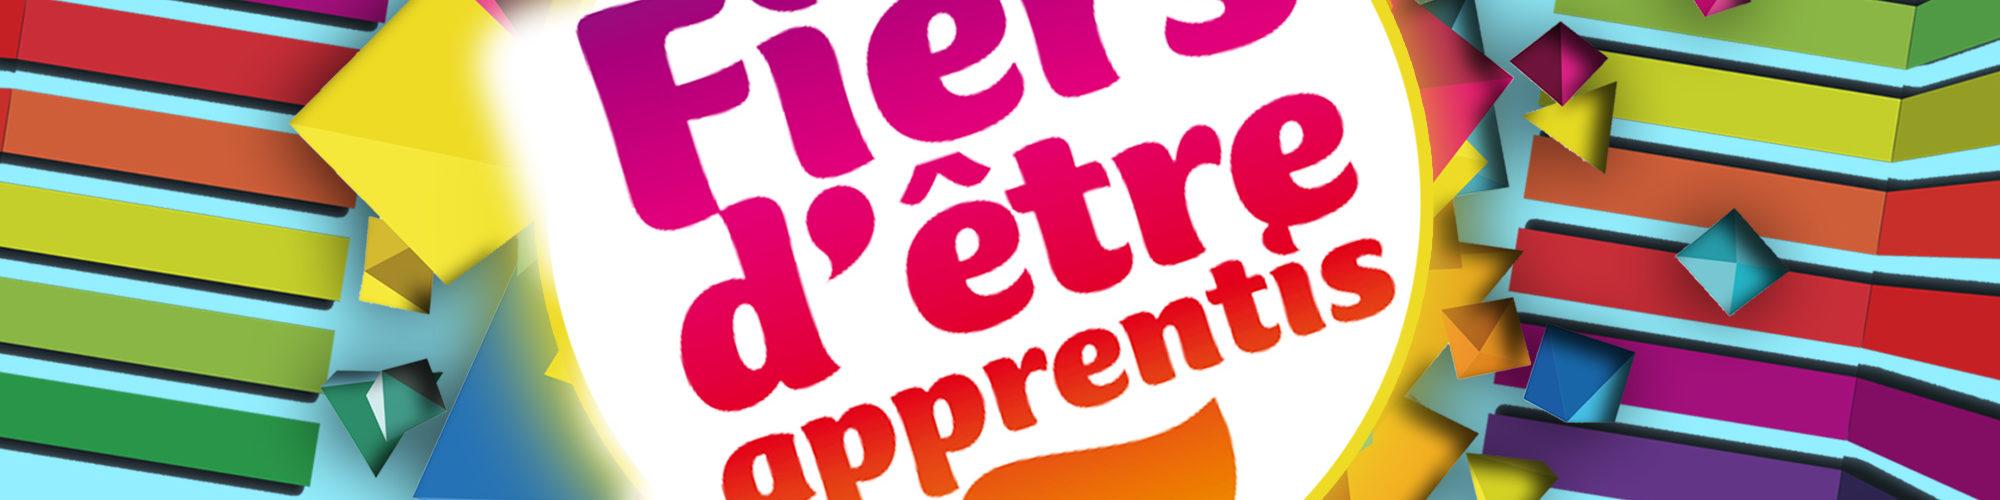 Salon fiers d tre apprentis en partenariat avec mc for Auxerrexpo 2017